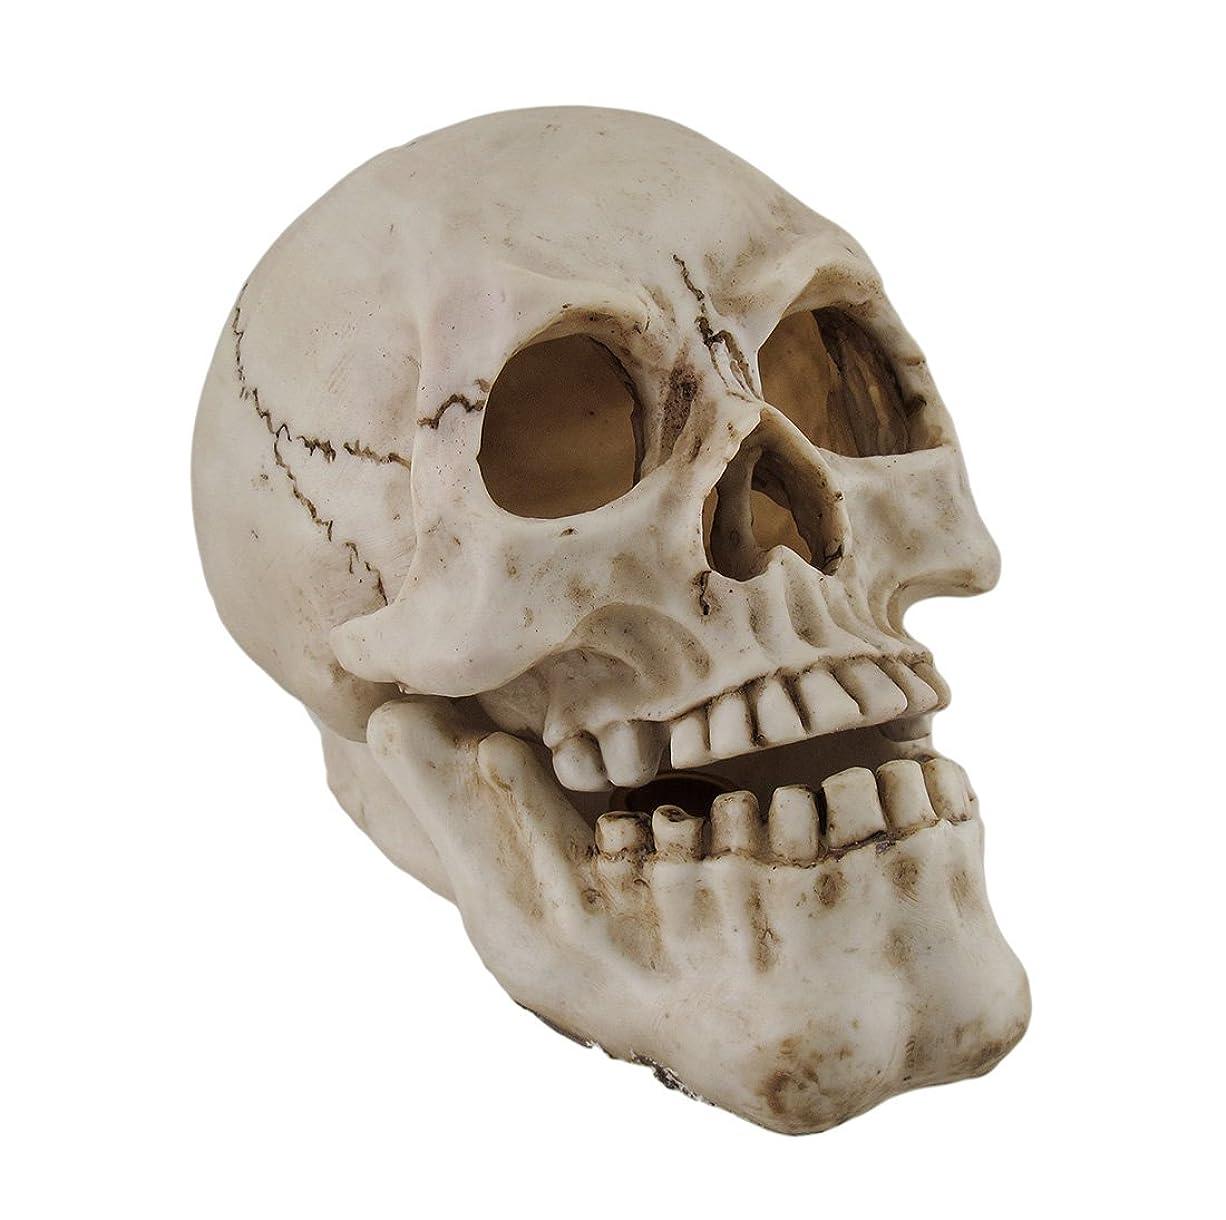 失敗現代の縫い目樹脂IncenseホルダーHuman Skull Shaped Incense Burnerボックス7.75?X 5.75?X 4.5インチホワイトモデル# pwh-63